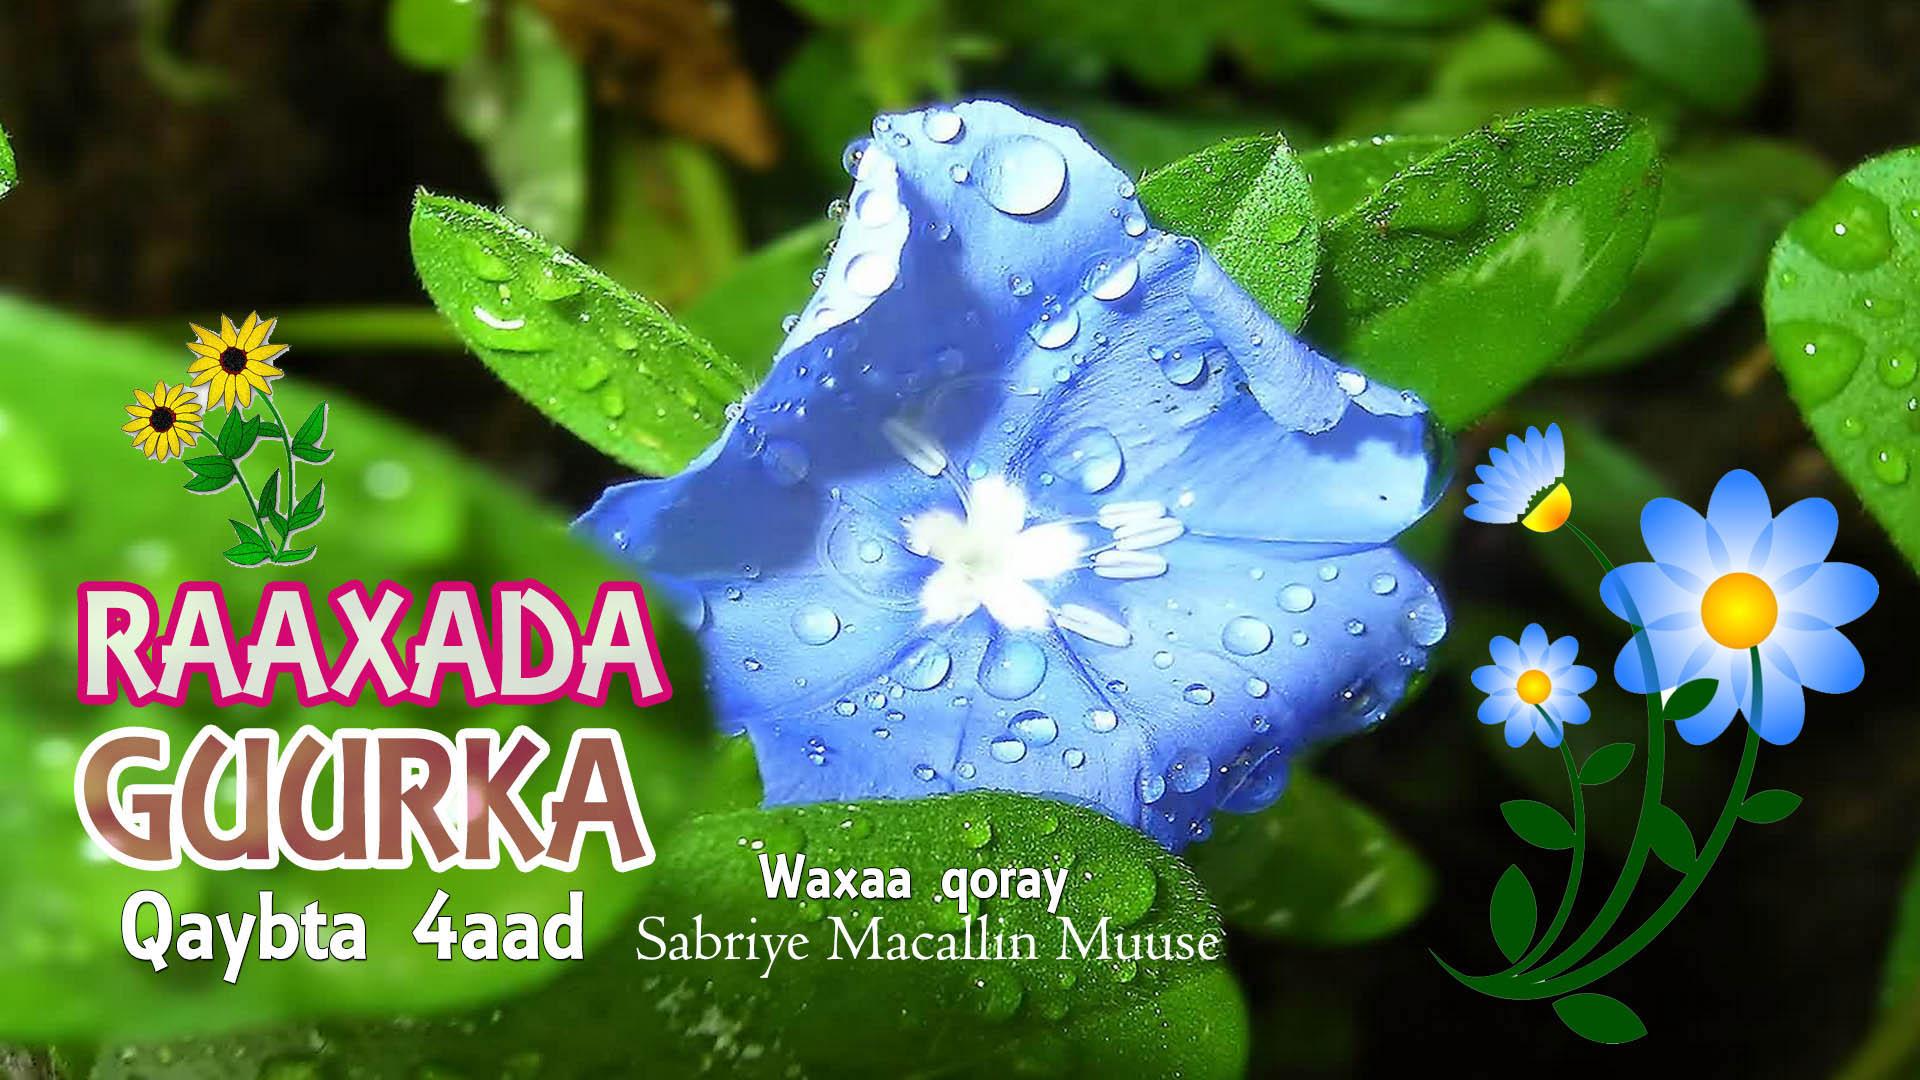 Raaxada Guurka – Qaybta 4aad